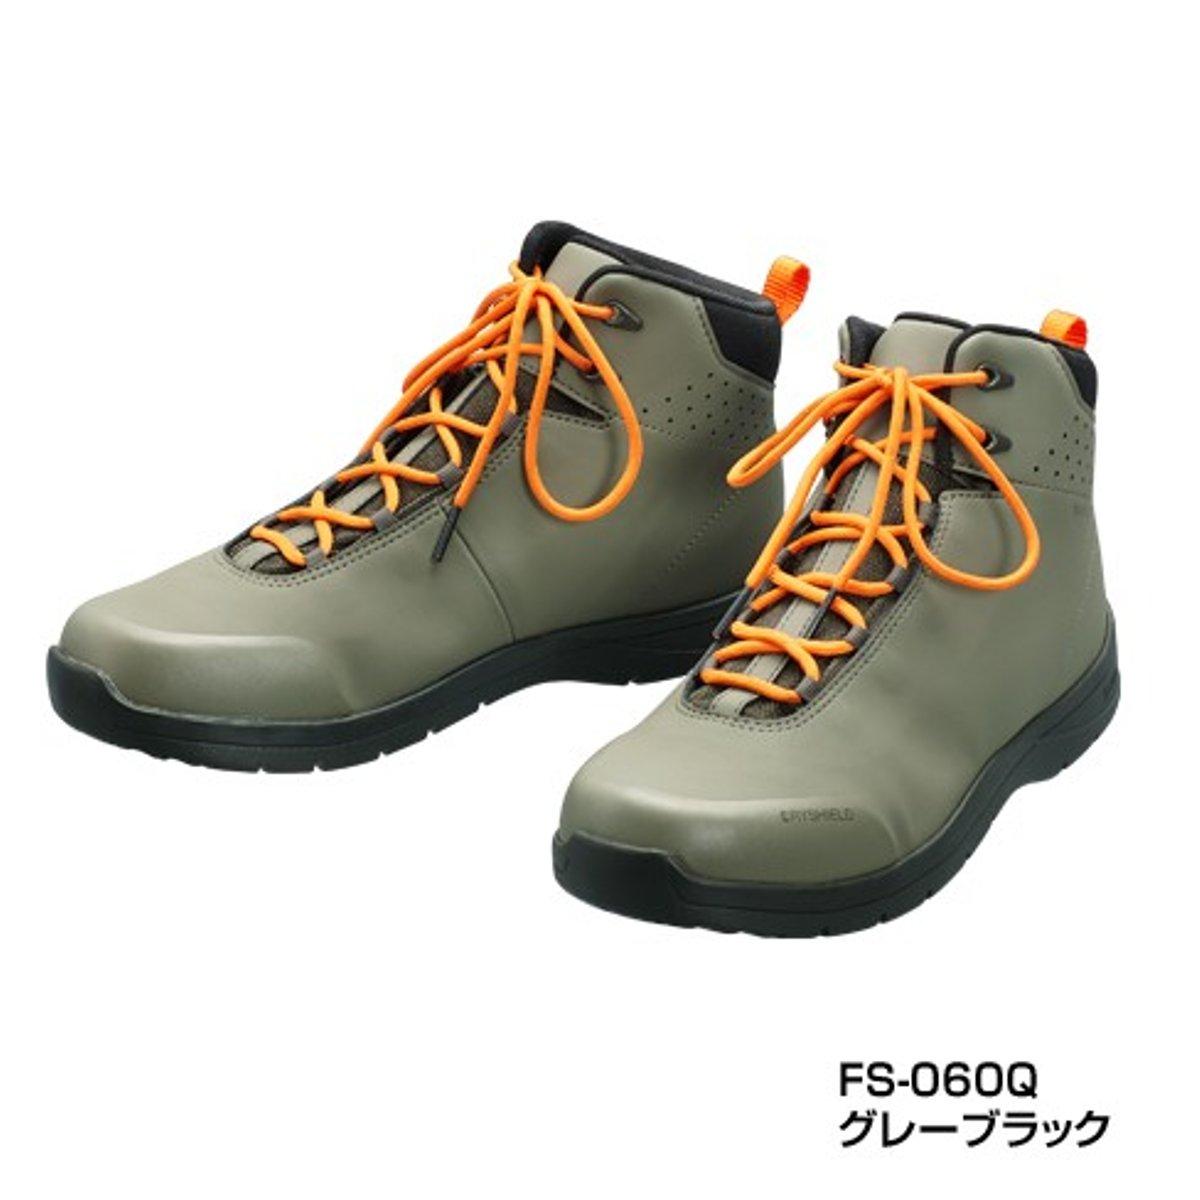 シマノ ドライシールド・ラジアルスパイクシューズ(ハイカットタイプ) FS-060Q 26.5cm グレーブラック(東日本店)